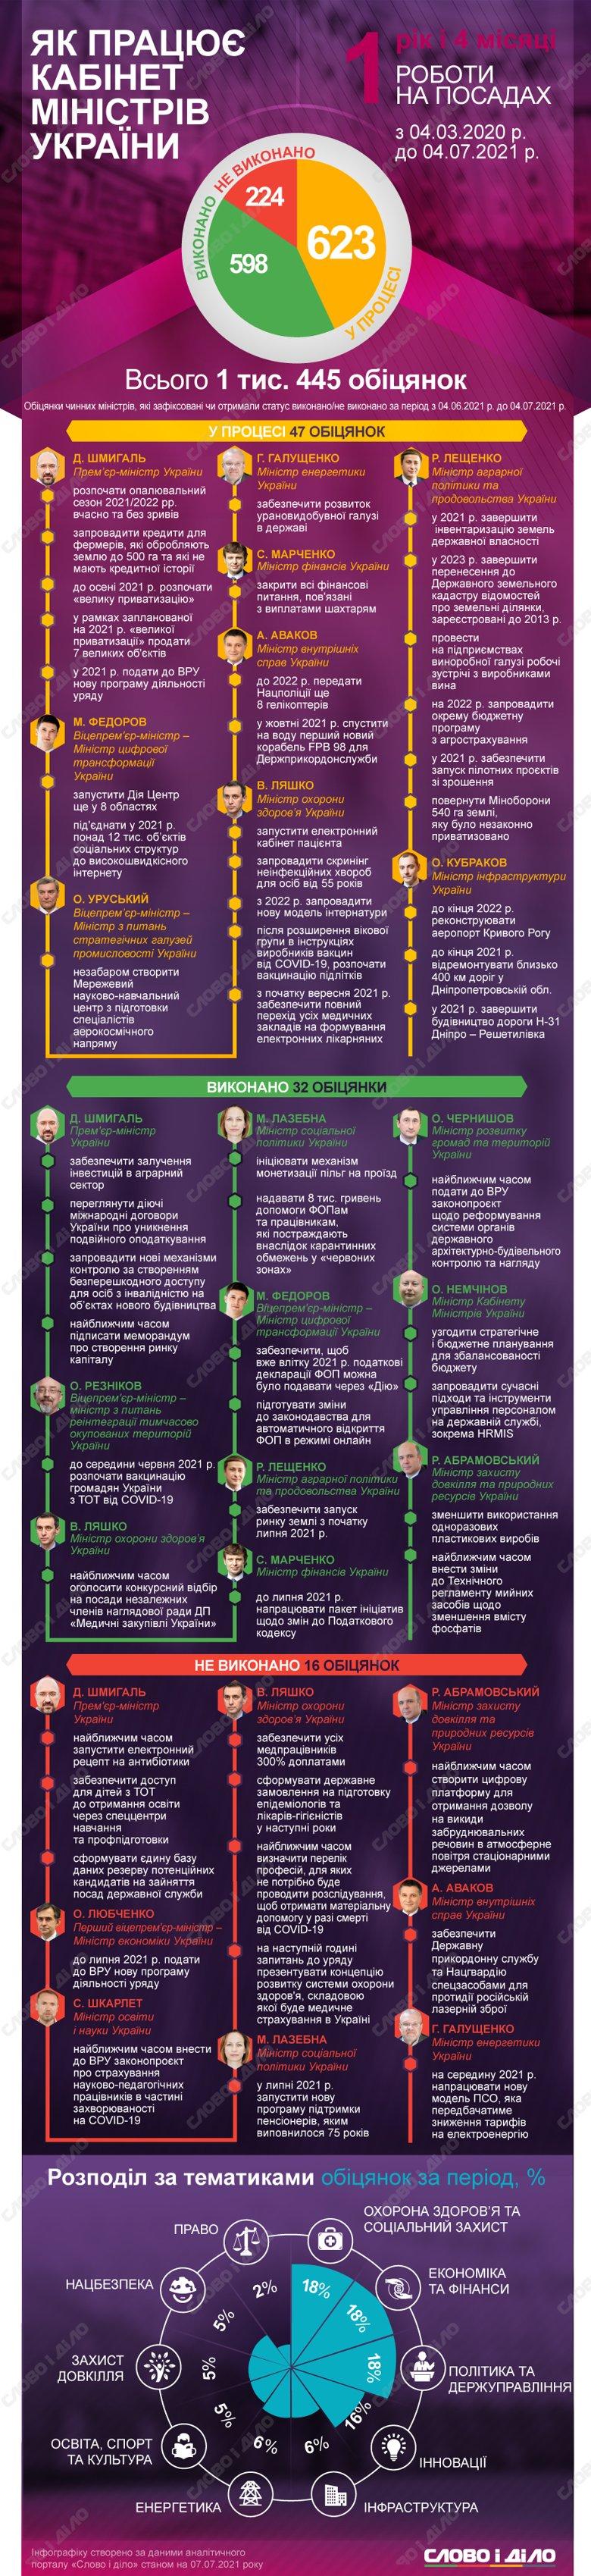 Год и четыре месяца работы Кабмина: как министры выполняют обещания